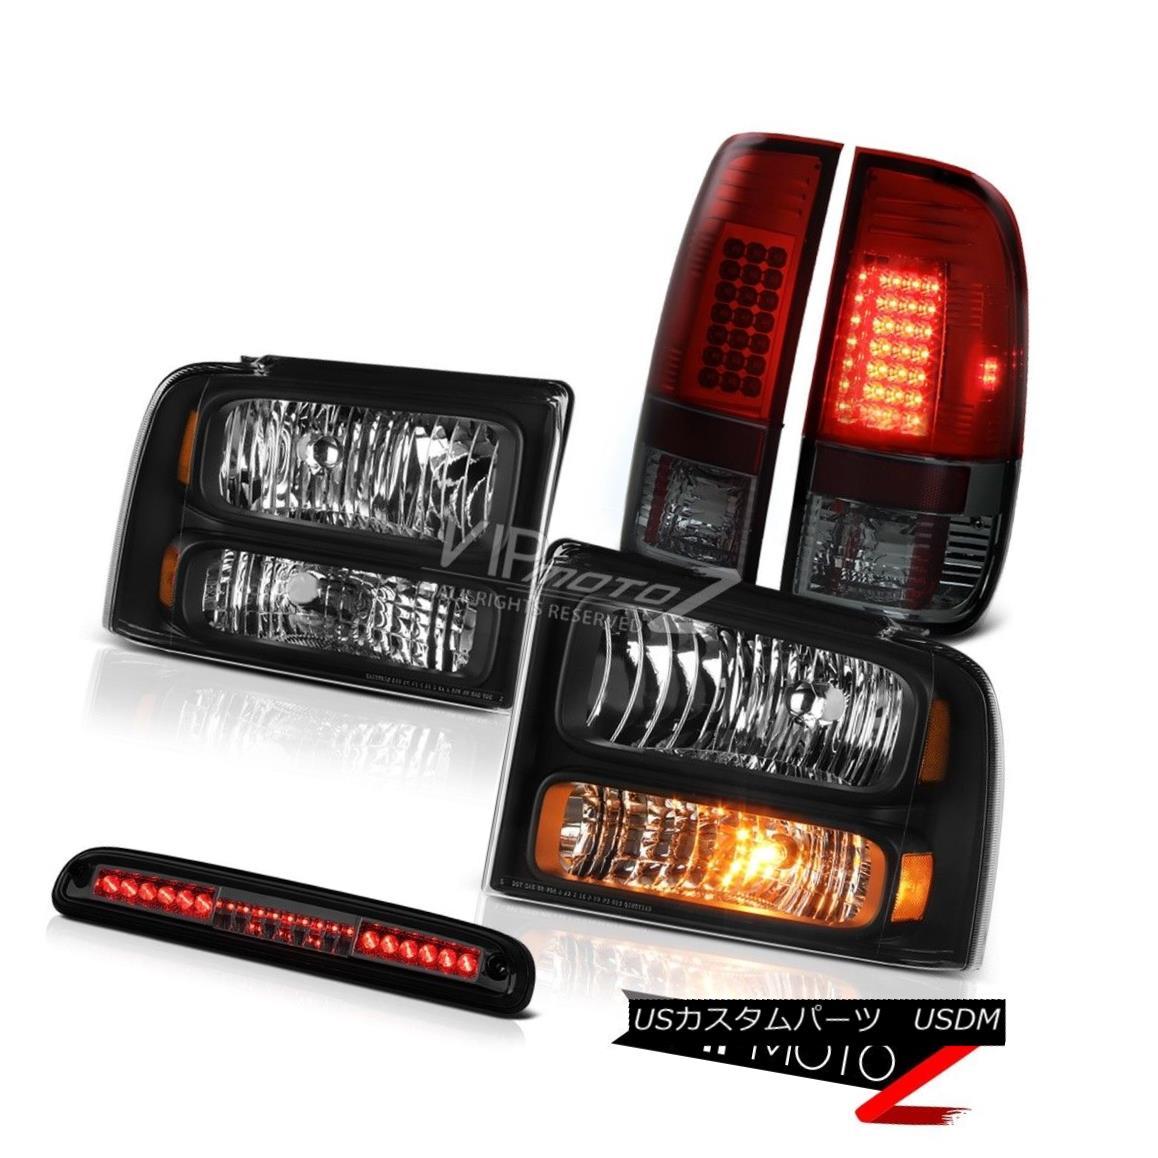 ヘッドライト 2005 2006 2007 Ford F250 6.0L Black Headlight SMD Tail Light LED 3rd Brake Smoke 2005 2006 2007フォードF250 6.0LブラックヘッドライトSMDテールライトLED第3ブレーキ煙